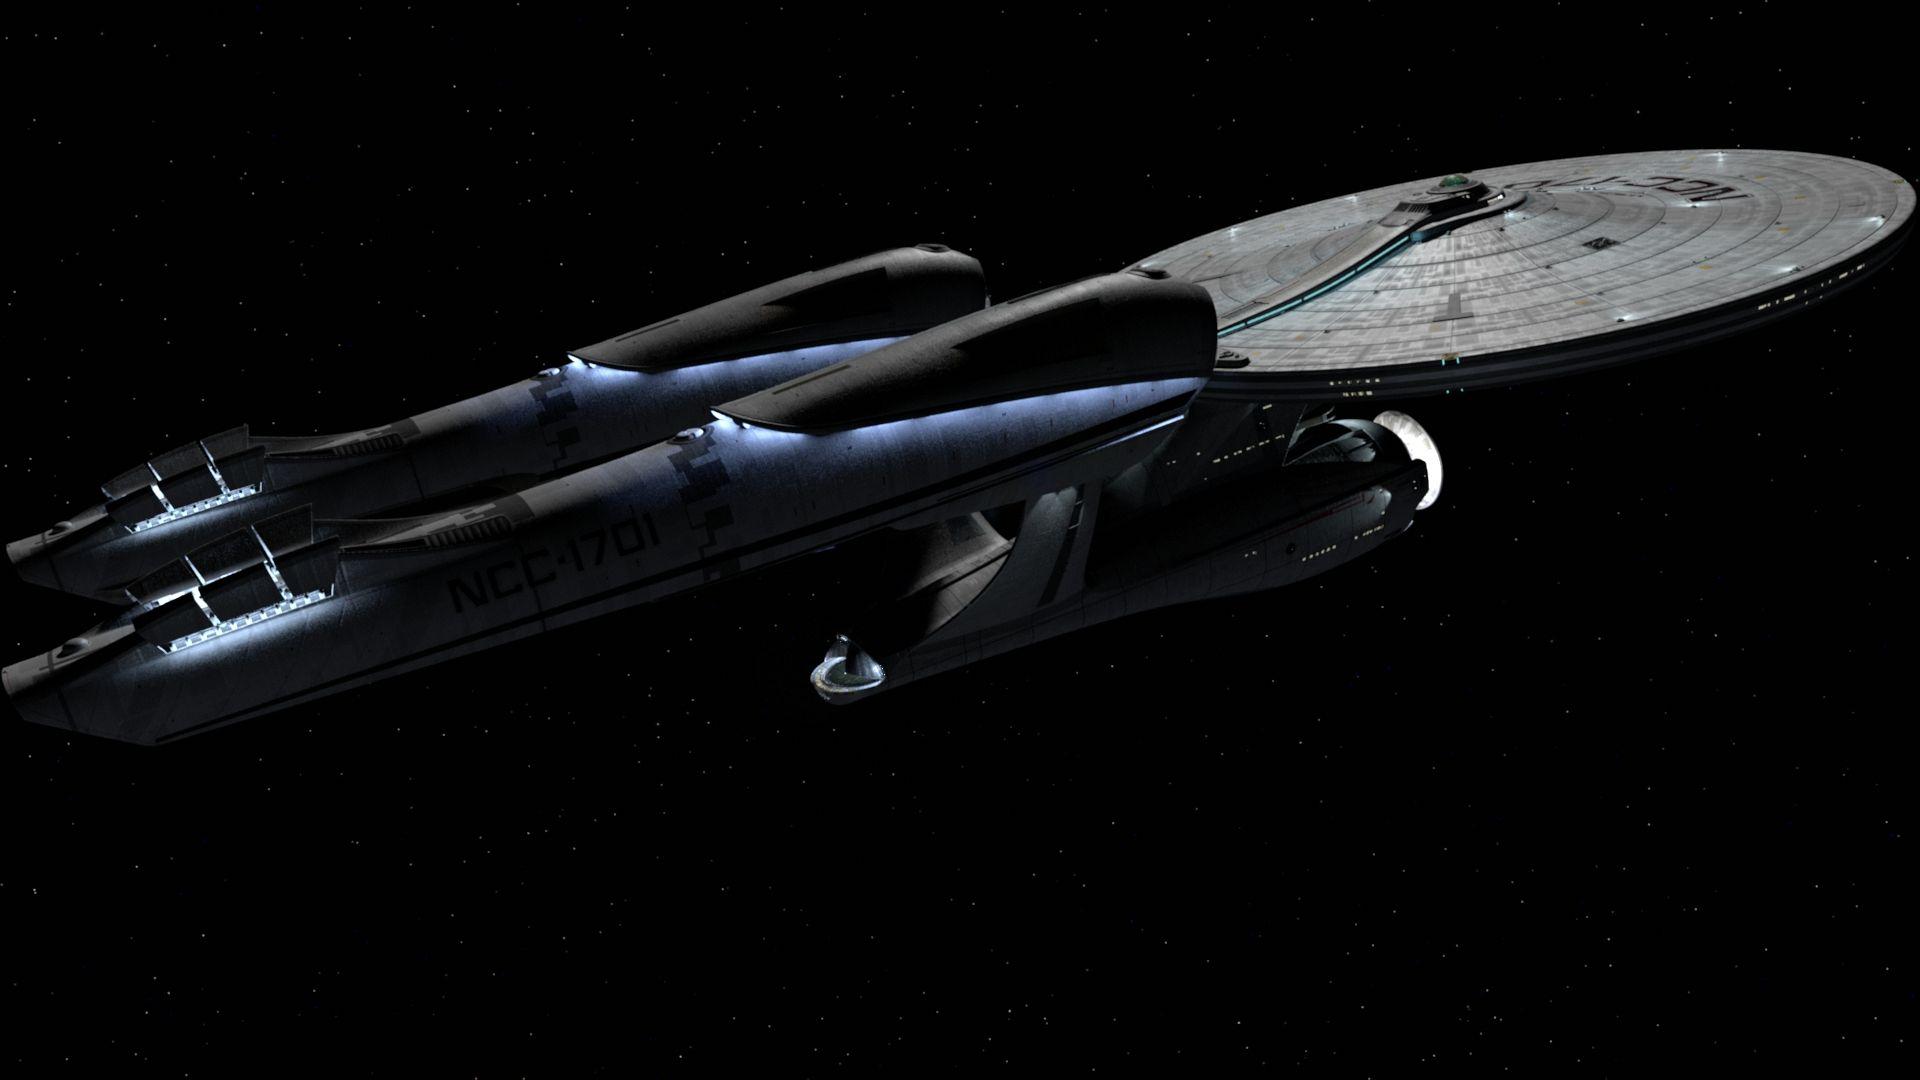 Star Trek Enterprise Wallpaper - Star Trek , HD Wallpaper & Backgrounds